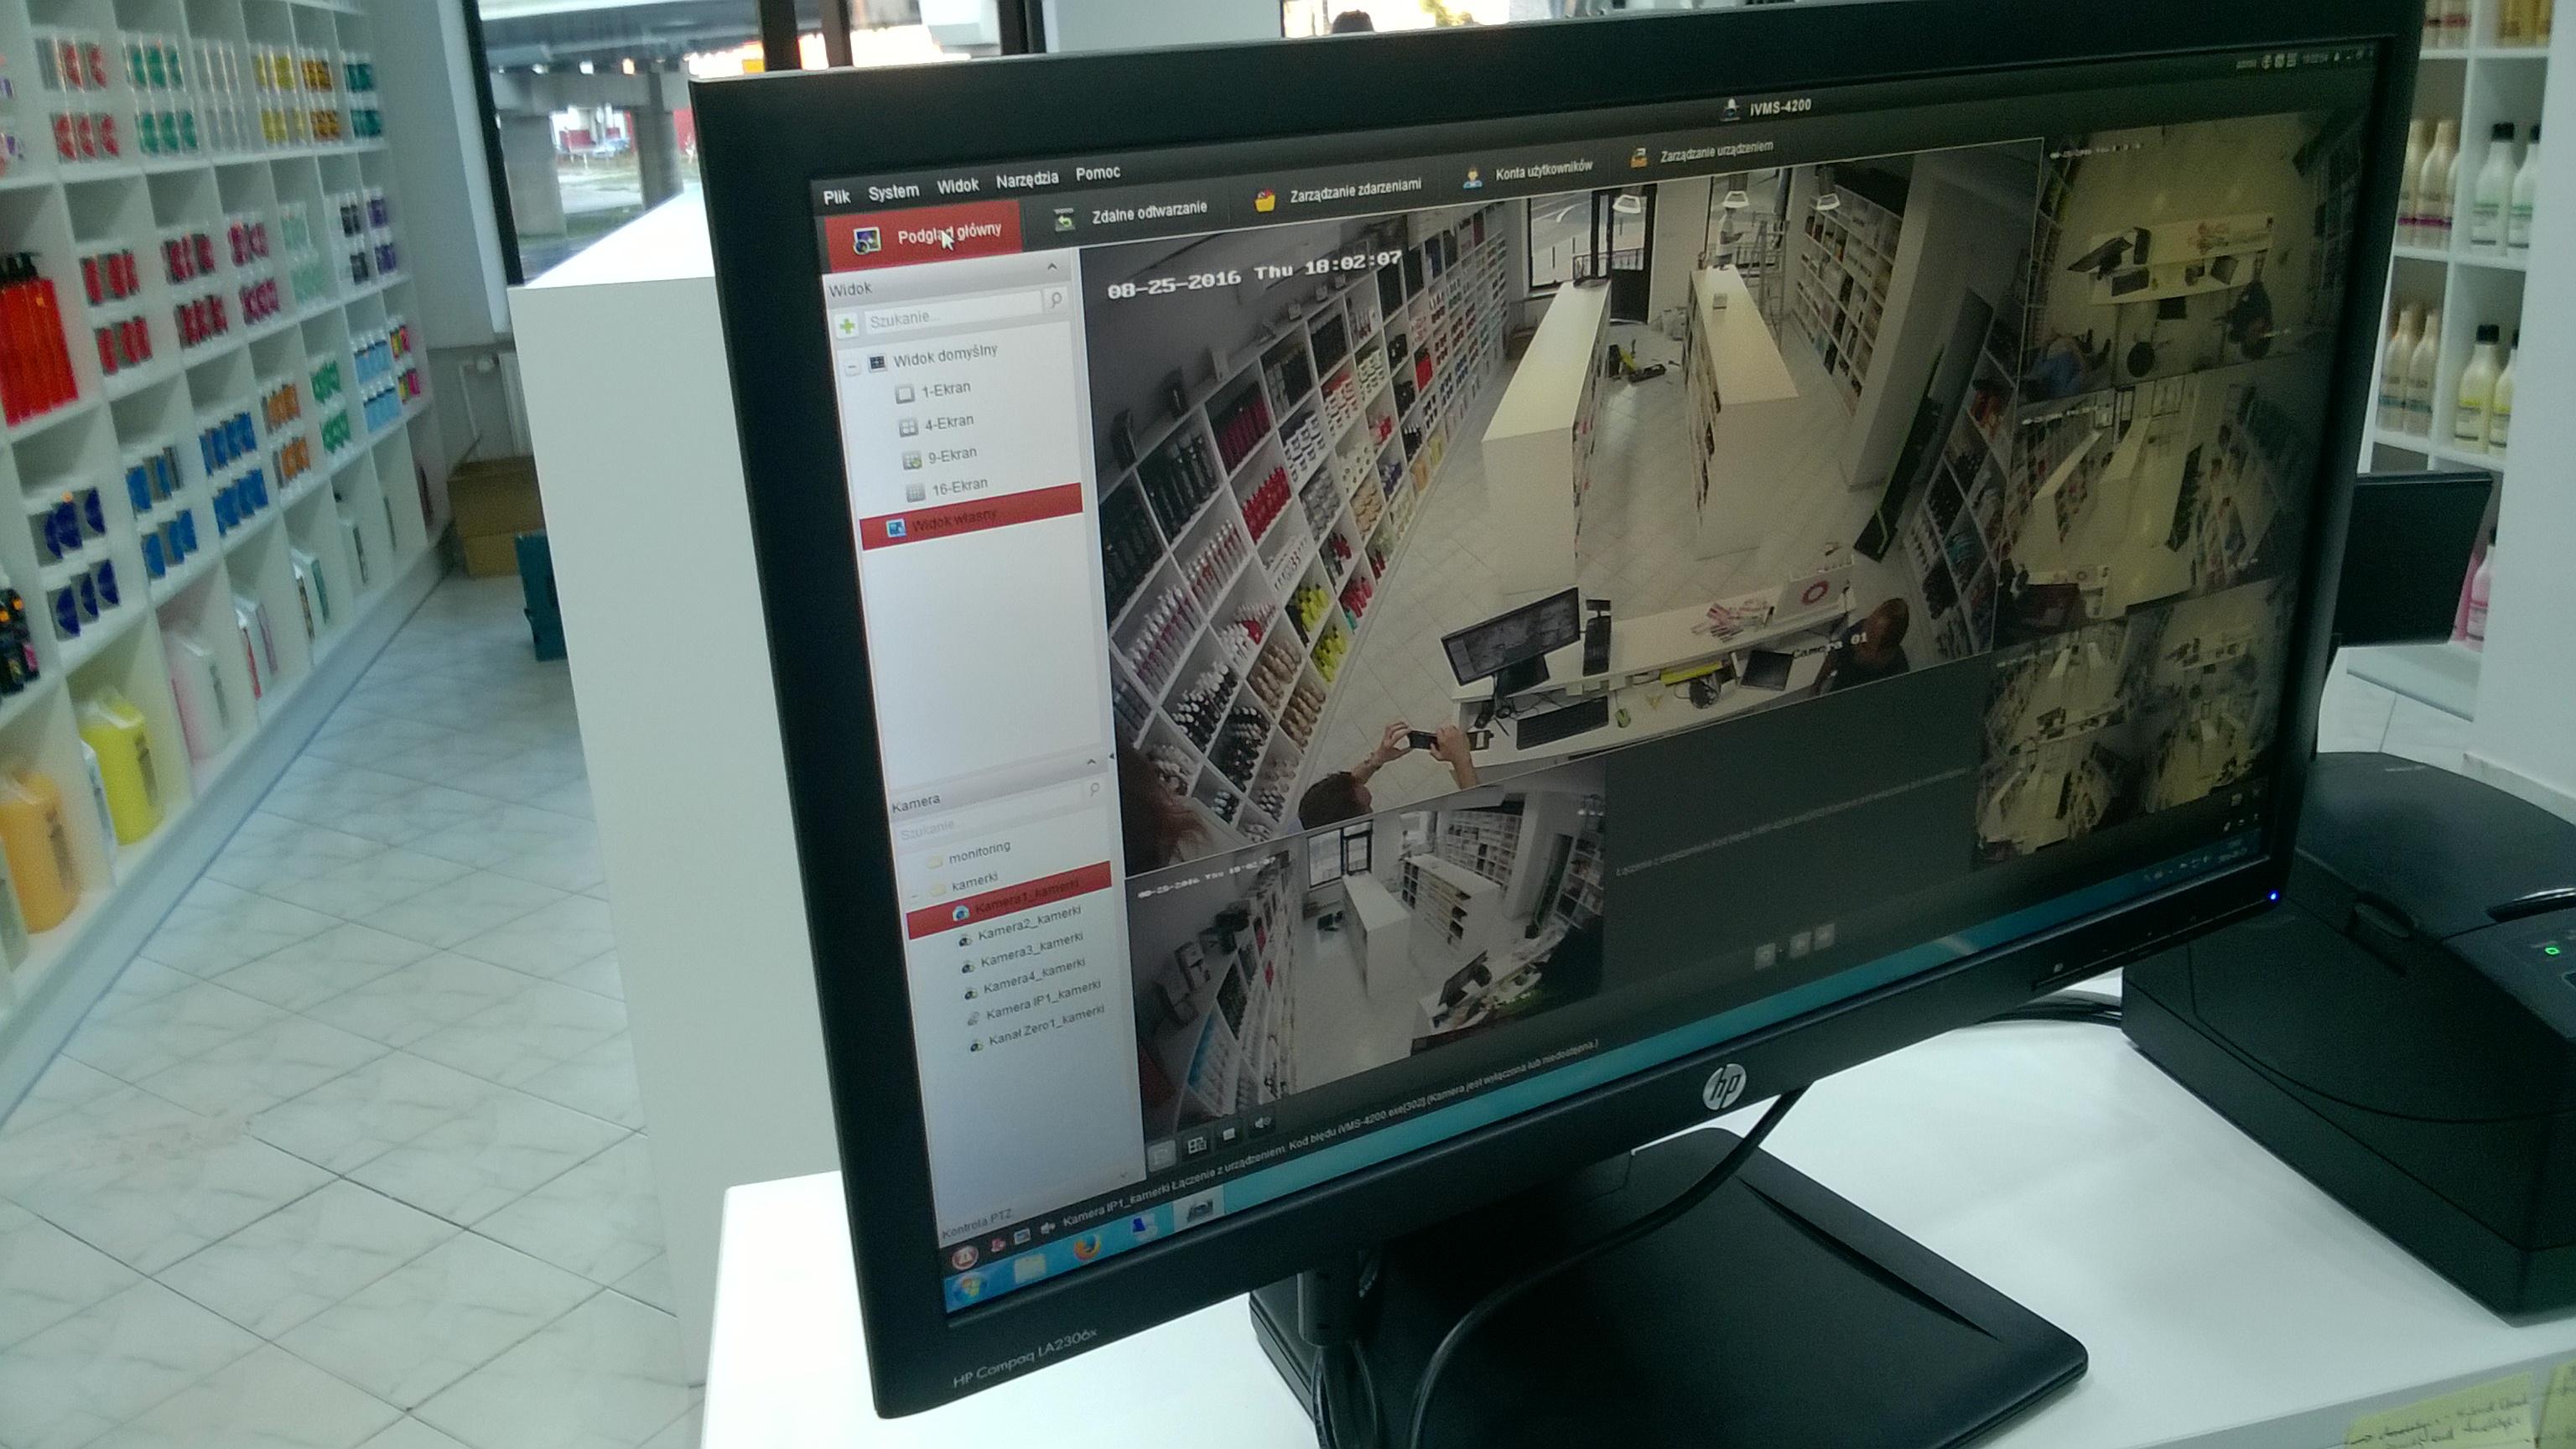 monitoring-stalowa-wola-monitoring-bilgoraj-monitoring-janow-lubelski-monitoring-zamosc-6